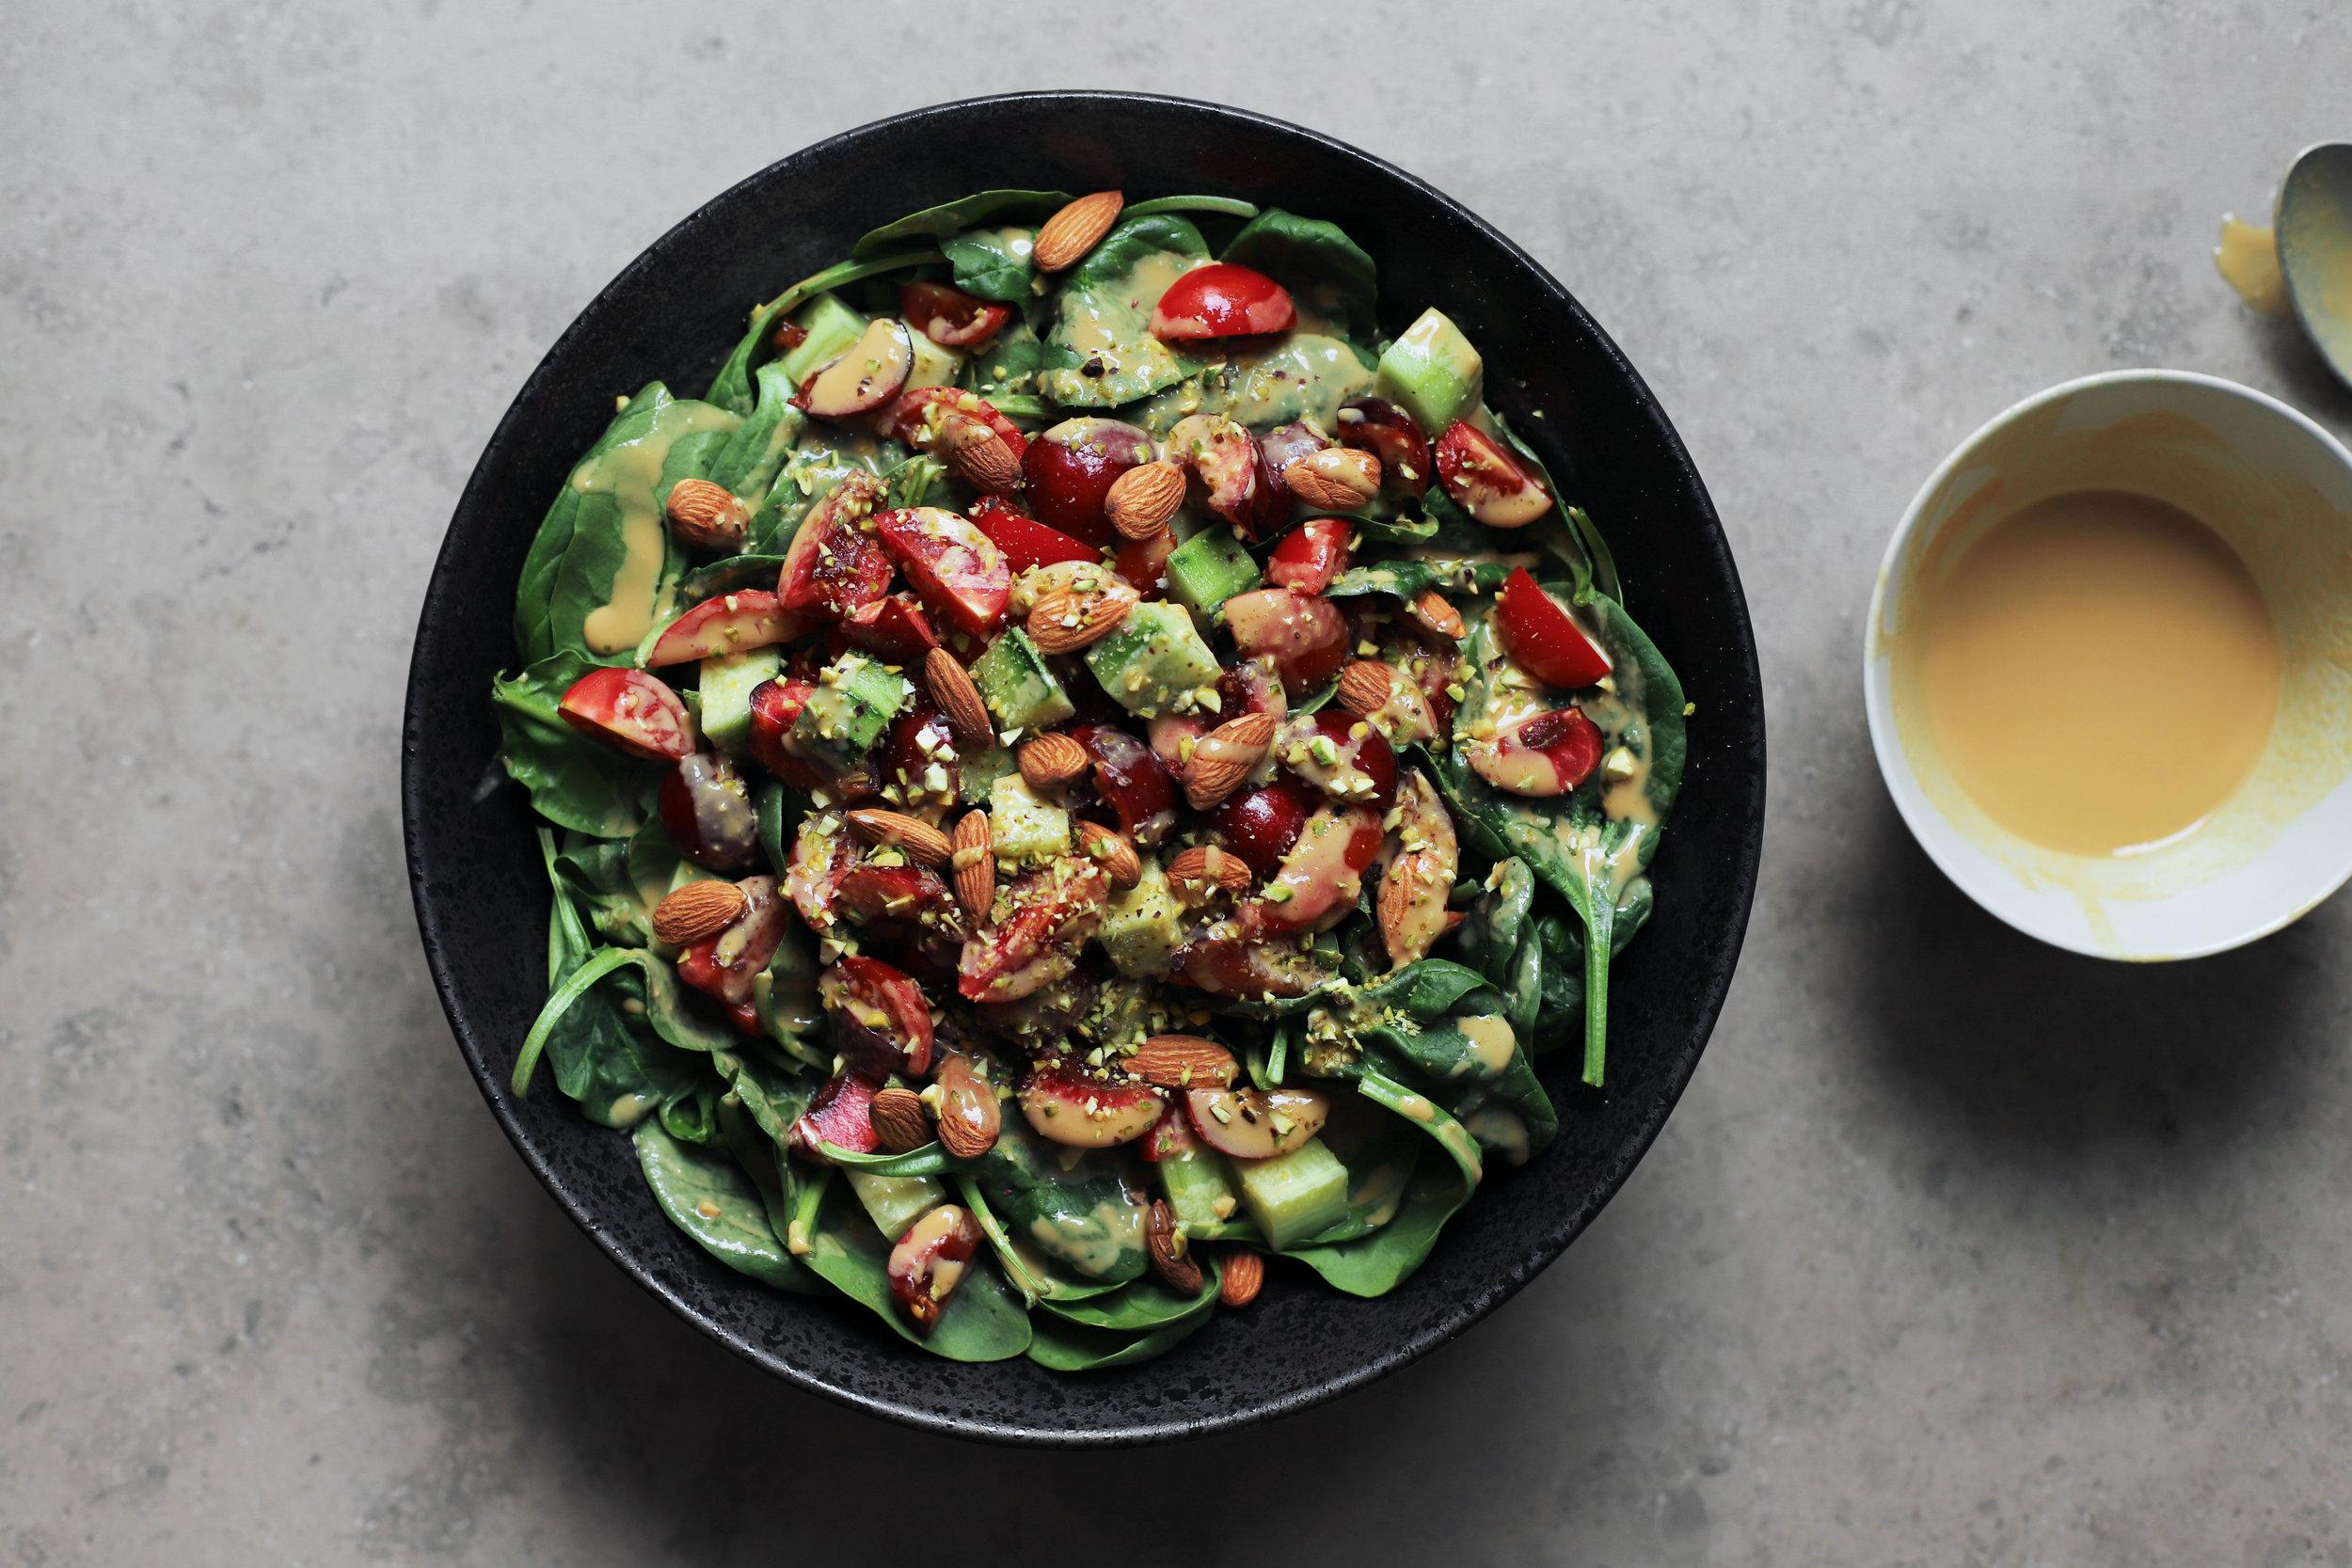 tahini lemon salad dressing